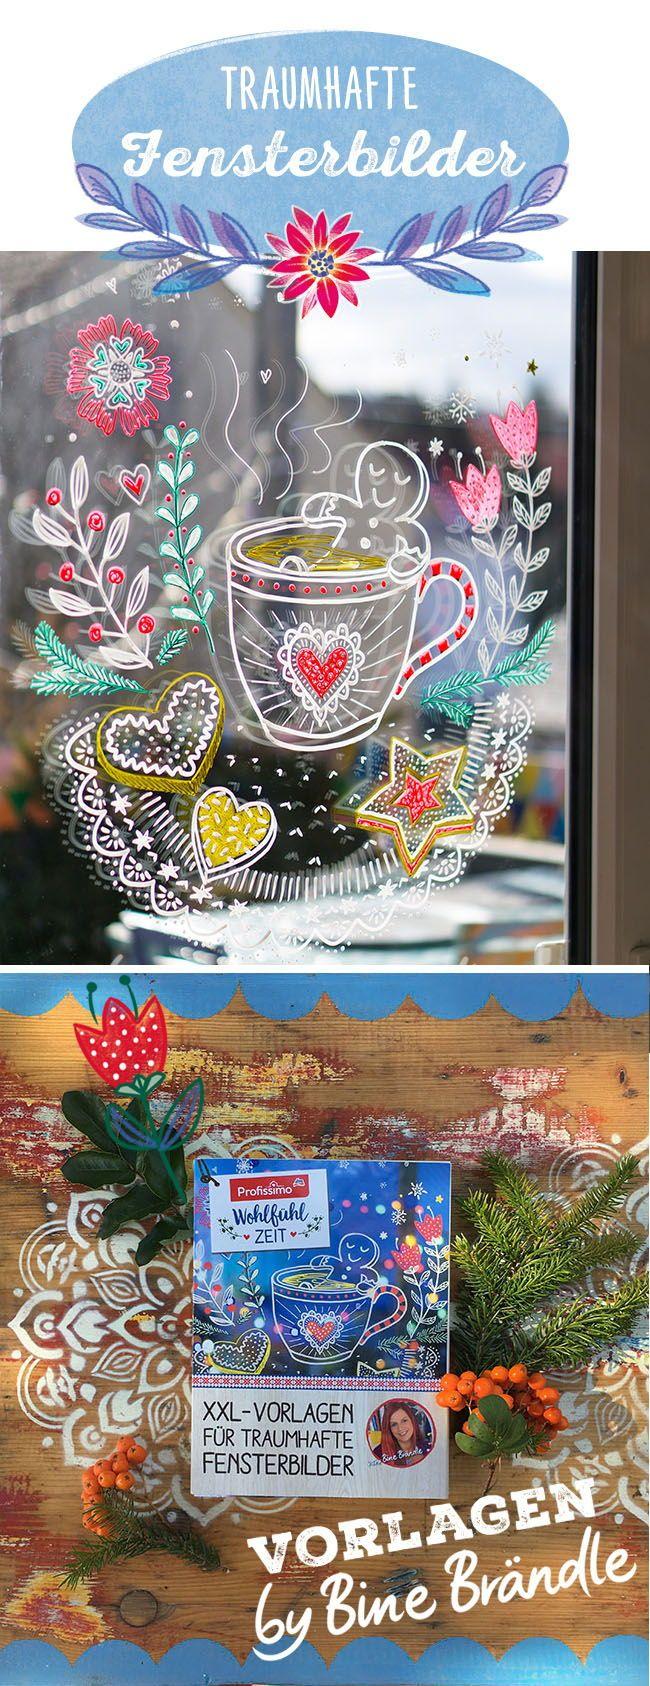 Traumhafte Fensterbilder Wie Dieses Zum Anknabbern Susse Lebkuchenmannchen Ganz Einfach Selber An Die Fensterscheibe Malen Mit Kreidemarke Fensterbilder Fensterbilder Weihnachten Und Weihnachtsbasteln